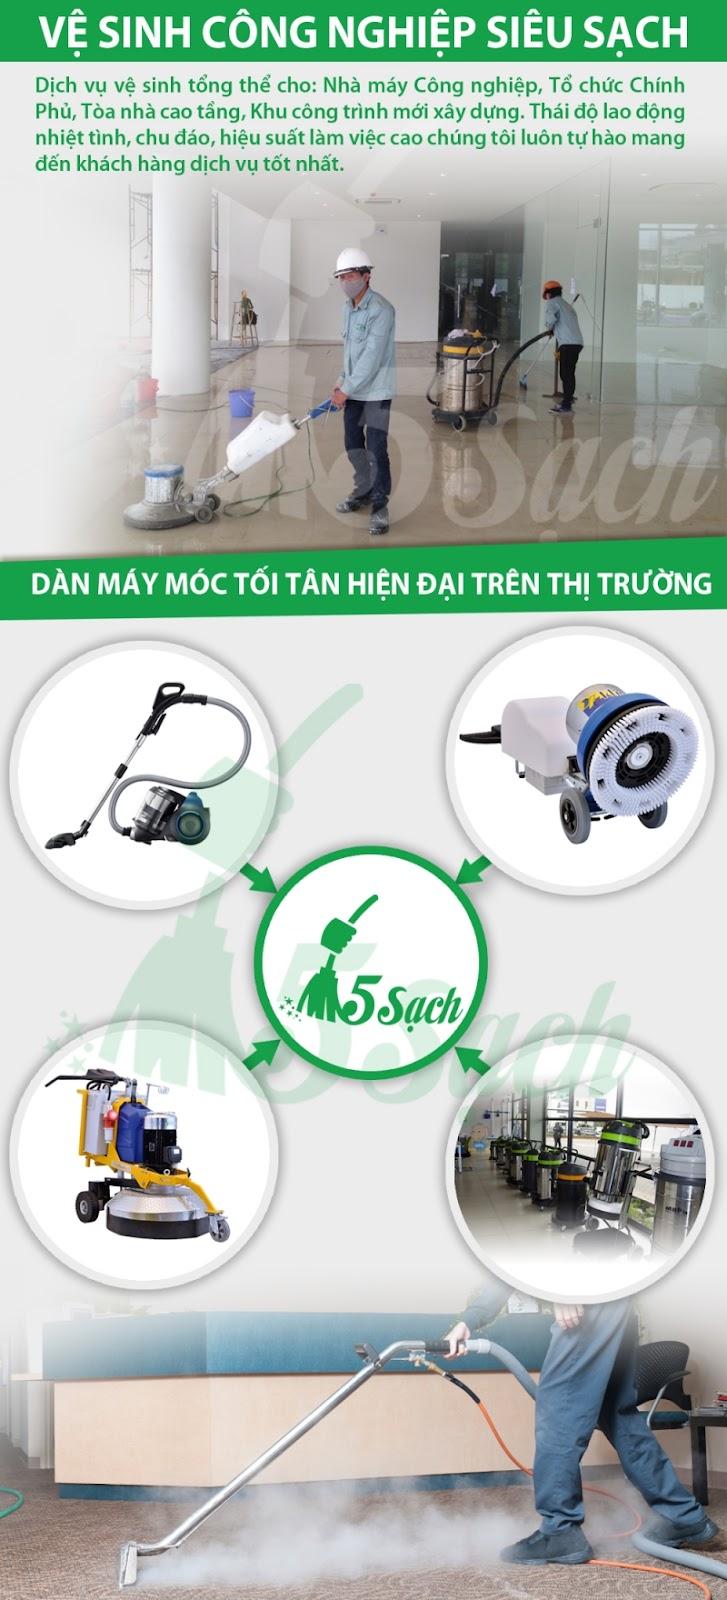 công ty vệ sinh công nghiệp 5 sạch